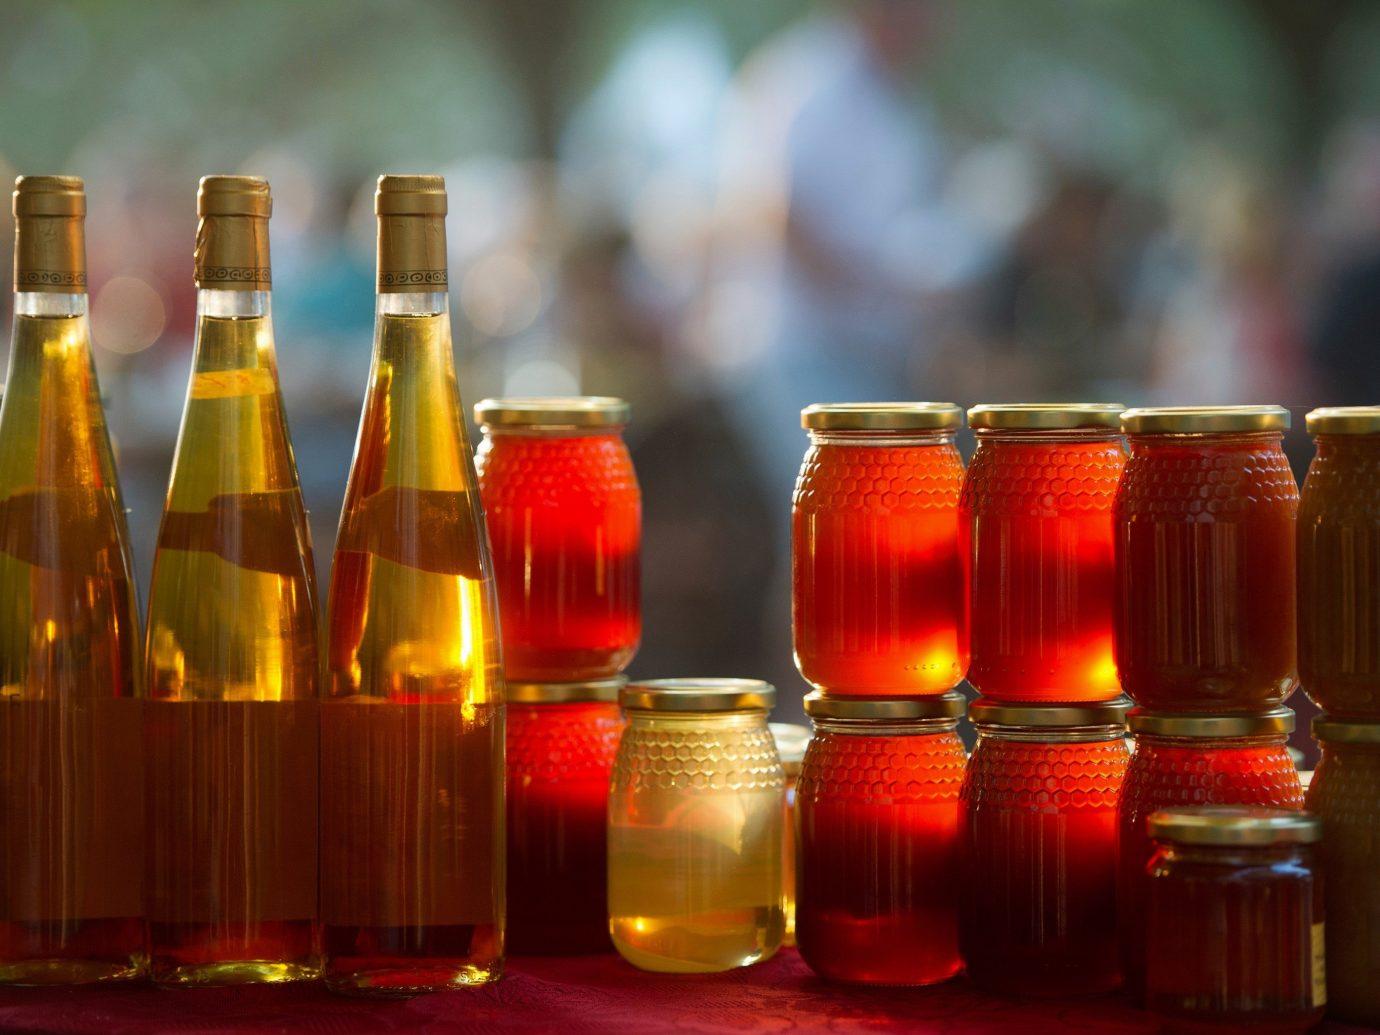 Trip Ideas indoor alcohol beer bottle Drink bottle liqueur glass bottle distilled beverage beer drinkware glass honey